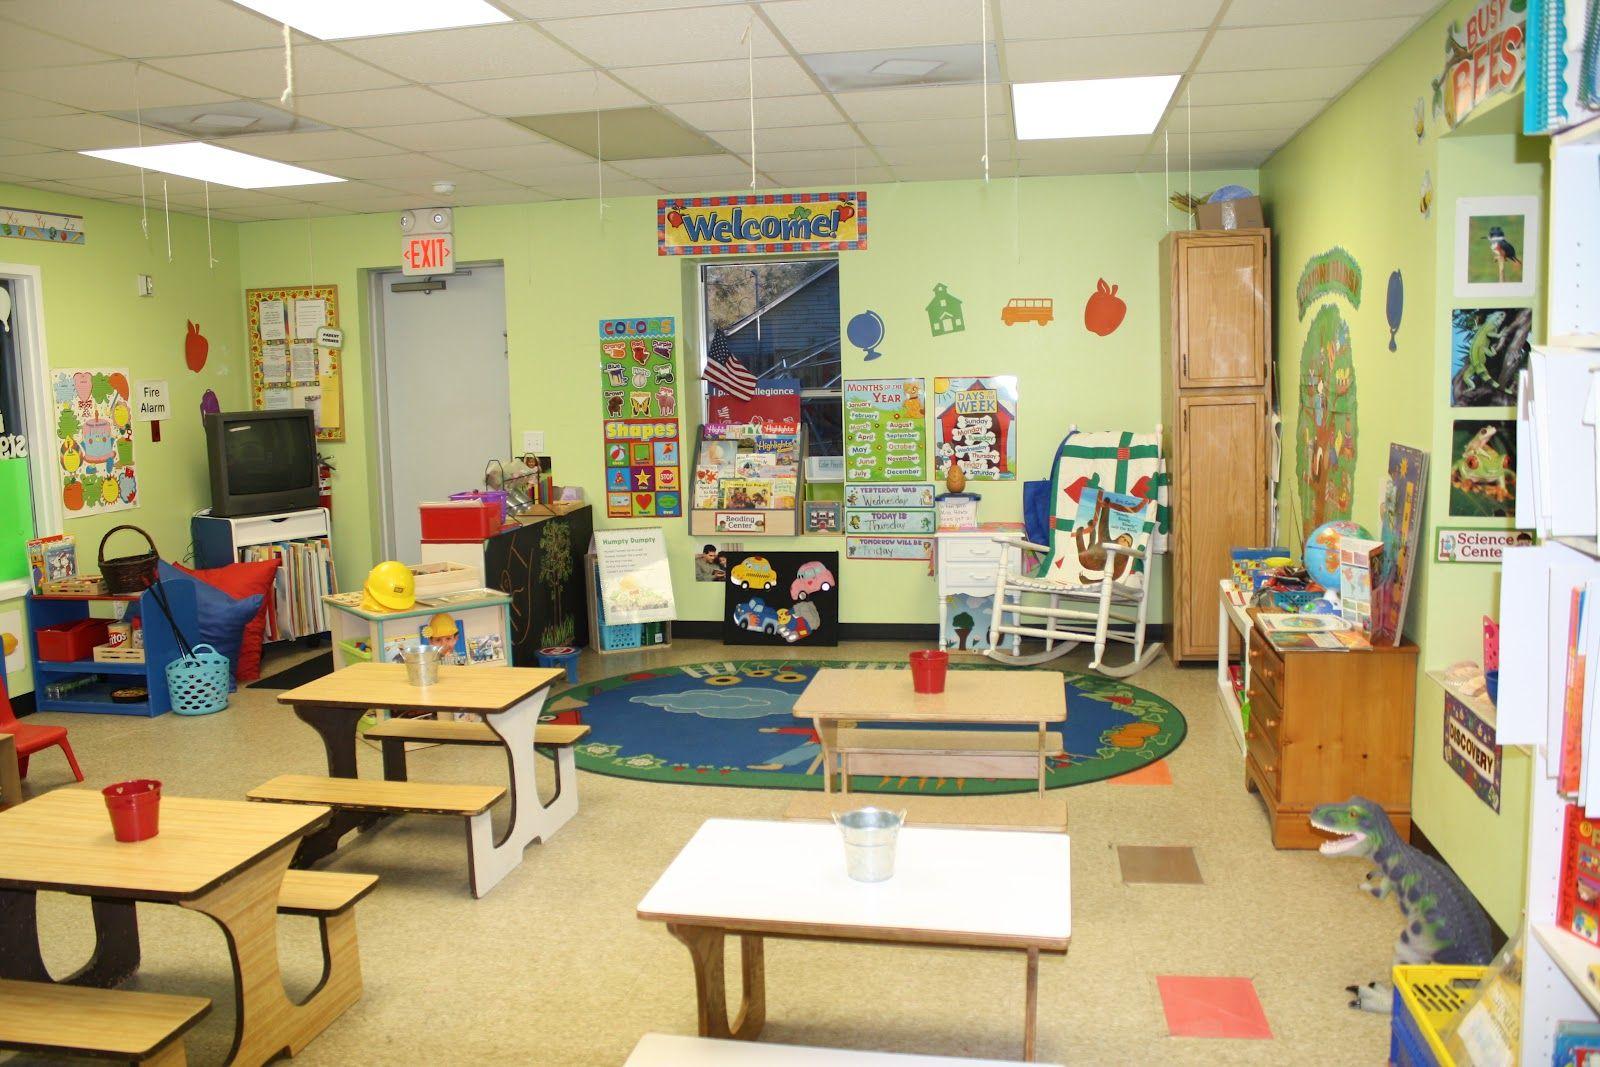 My New Preschool Classroom Classroom Design Kids Classroom Decor Preschool Classroom Decor Most popular classroom pictures